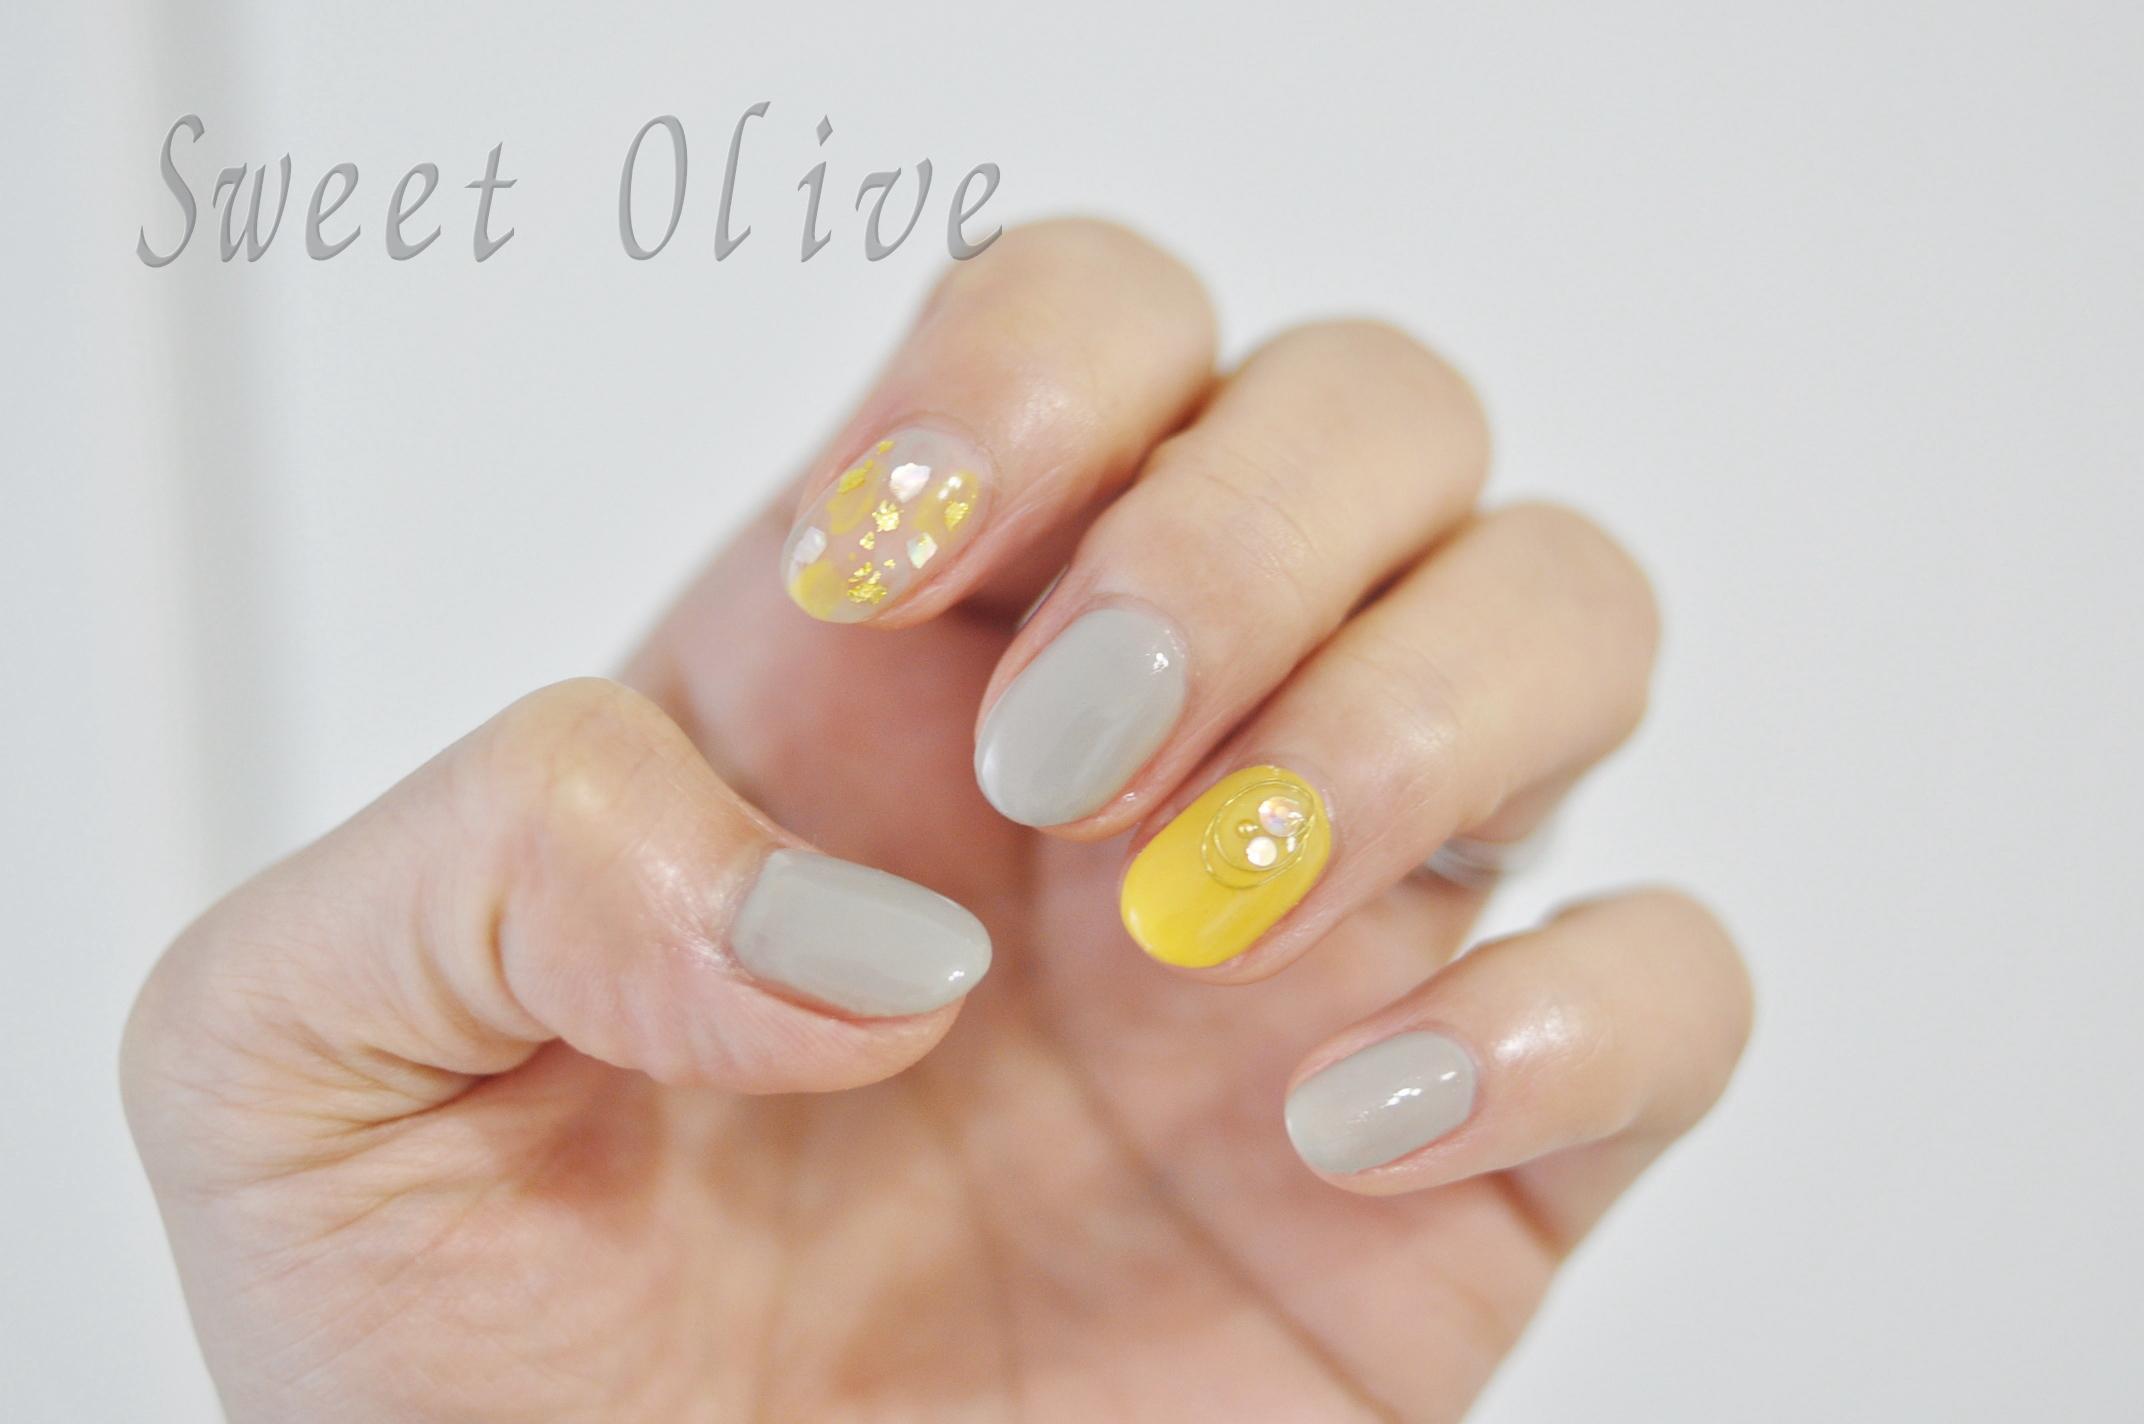 黄色,イエロー,ライトグレー,シェル,貝殻,金箔,塗りかけネイル,春ネイル2018年